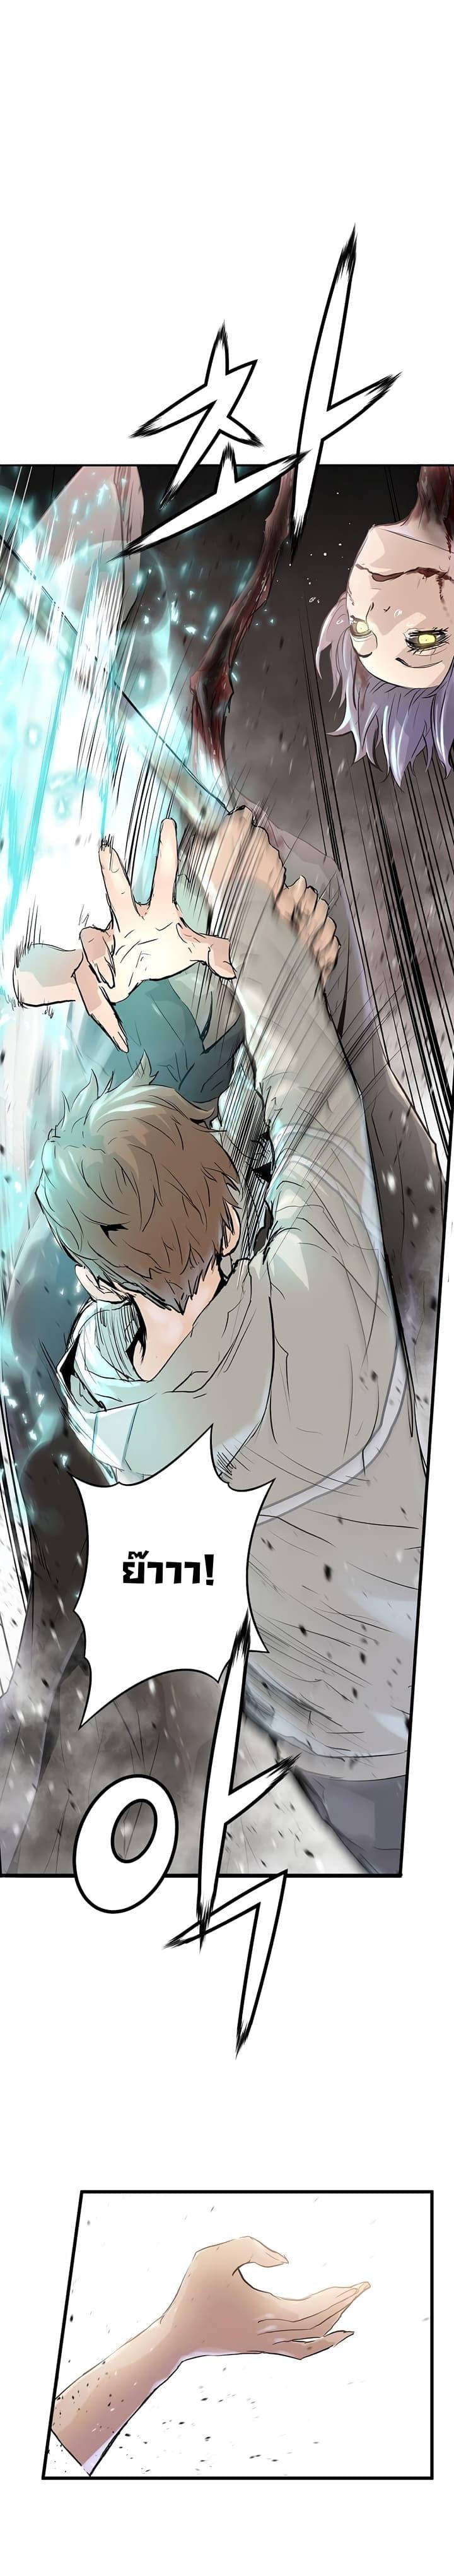 อ่านการ์ตูน Promised Orchid ตอนที่ 4 หน้าที่ 7